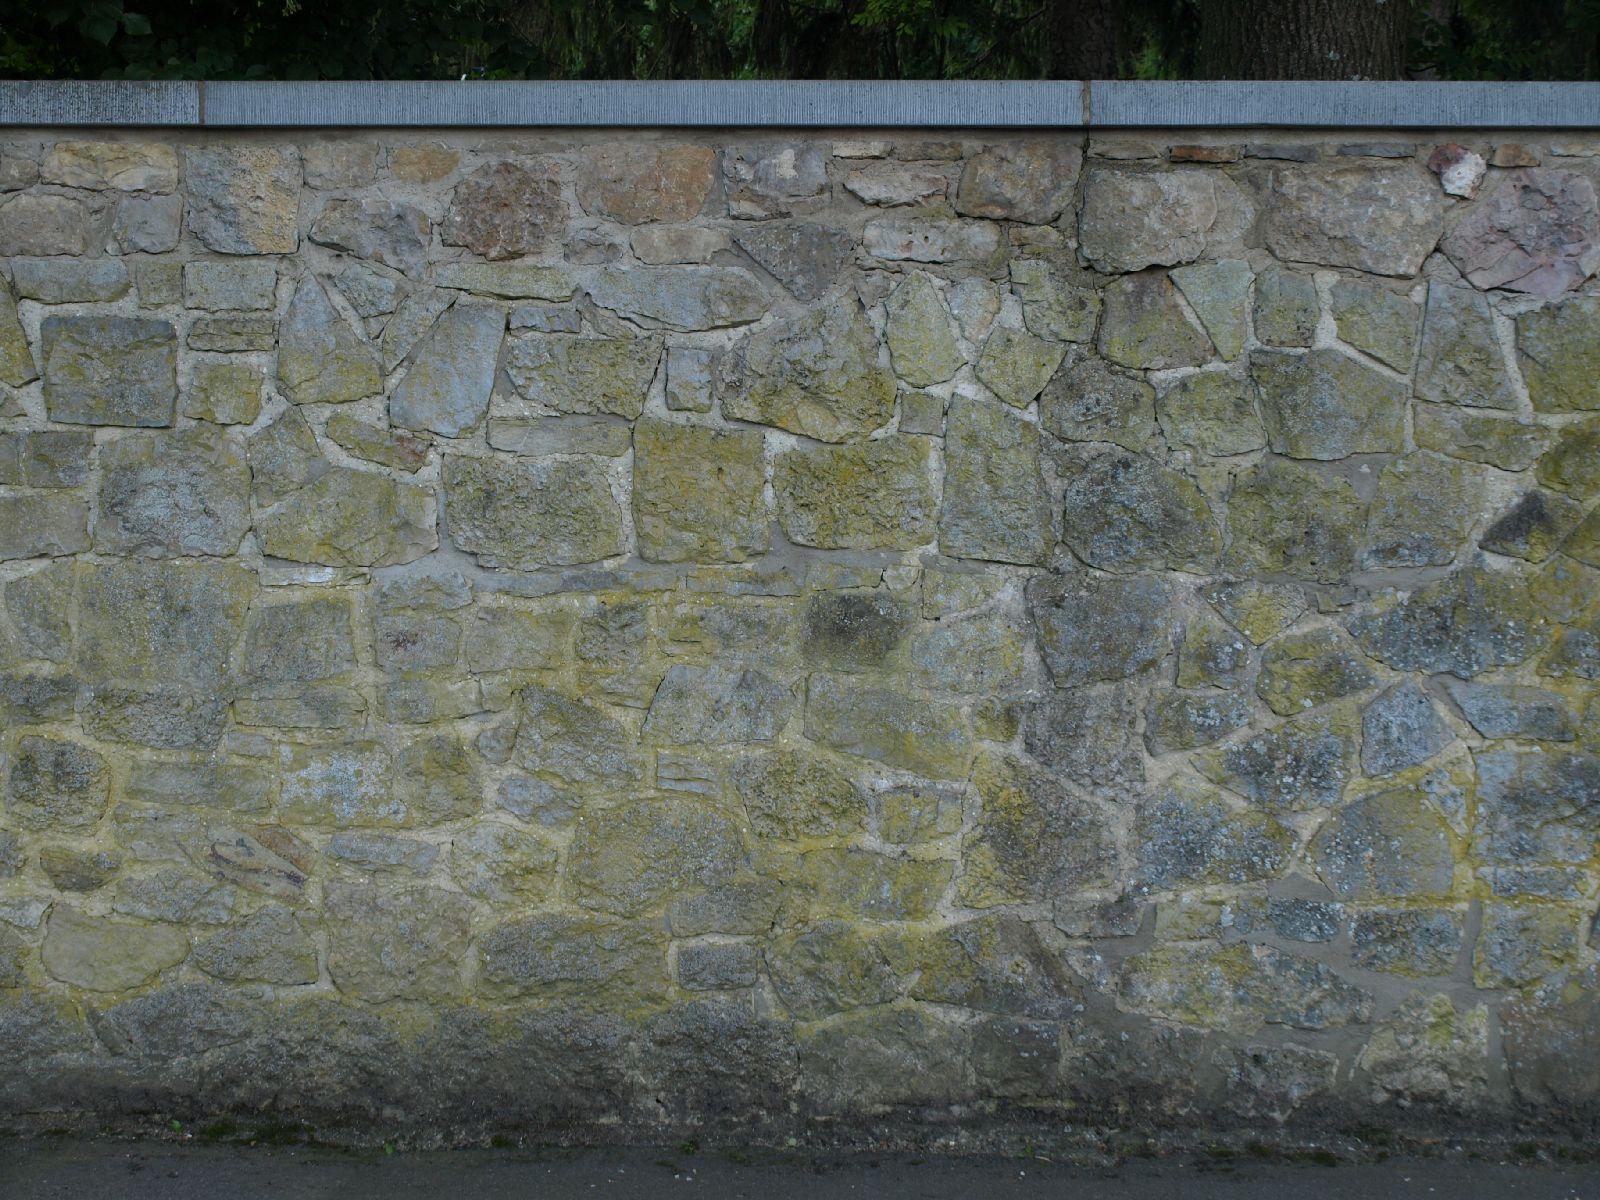 Wand-Bruchstein_Textur_A_P8154280